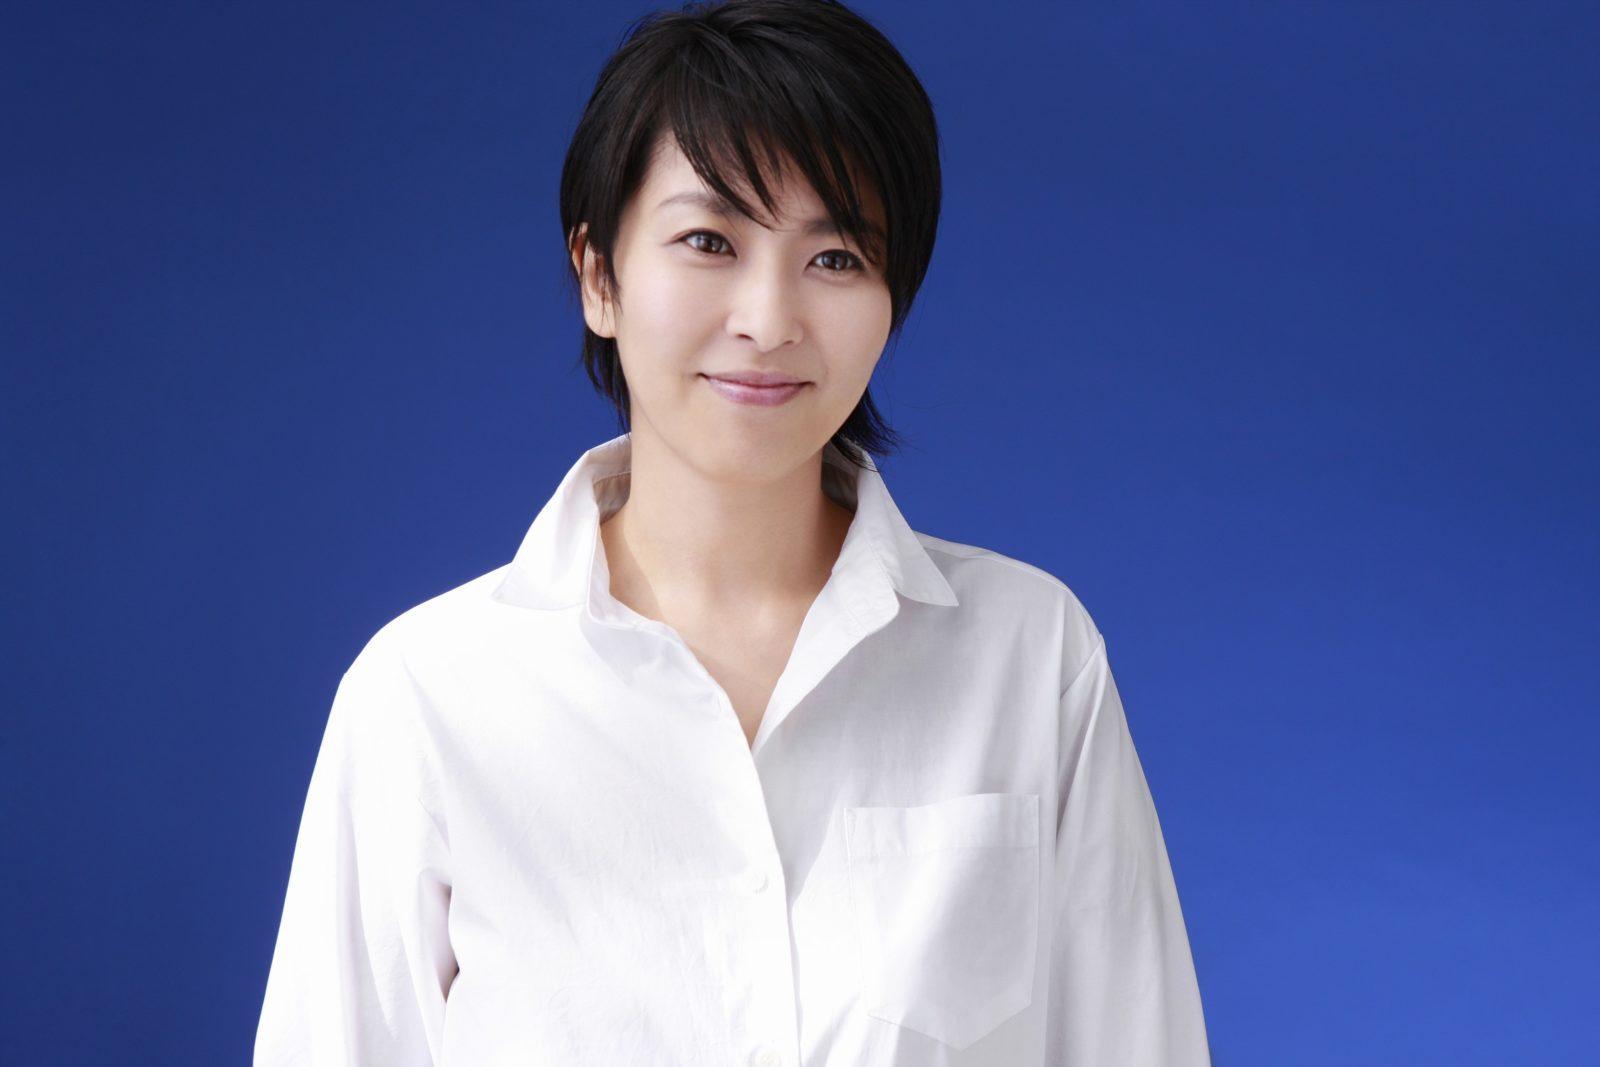 松たか子が8年ぶりのMステで朝ドラ主題歌をテレビ初歌唱!AKB48、西野カナ、ジャニーズWEST、E-girlsらも出演サムネイル画像